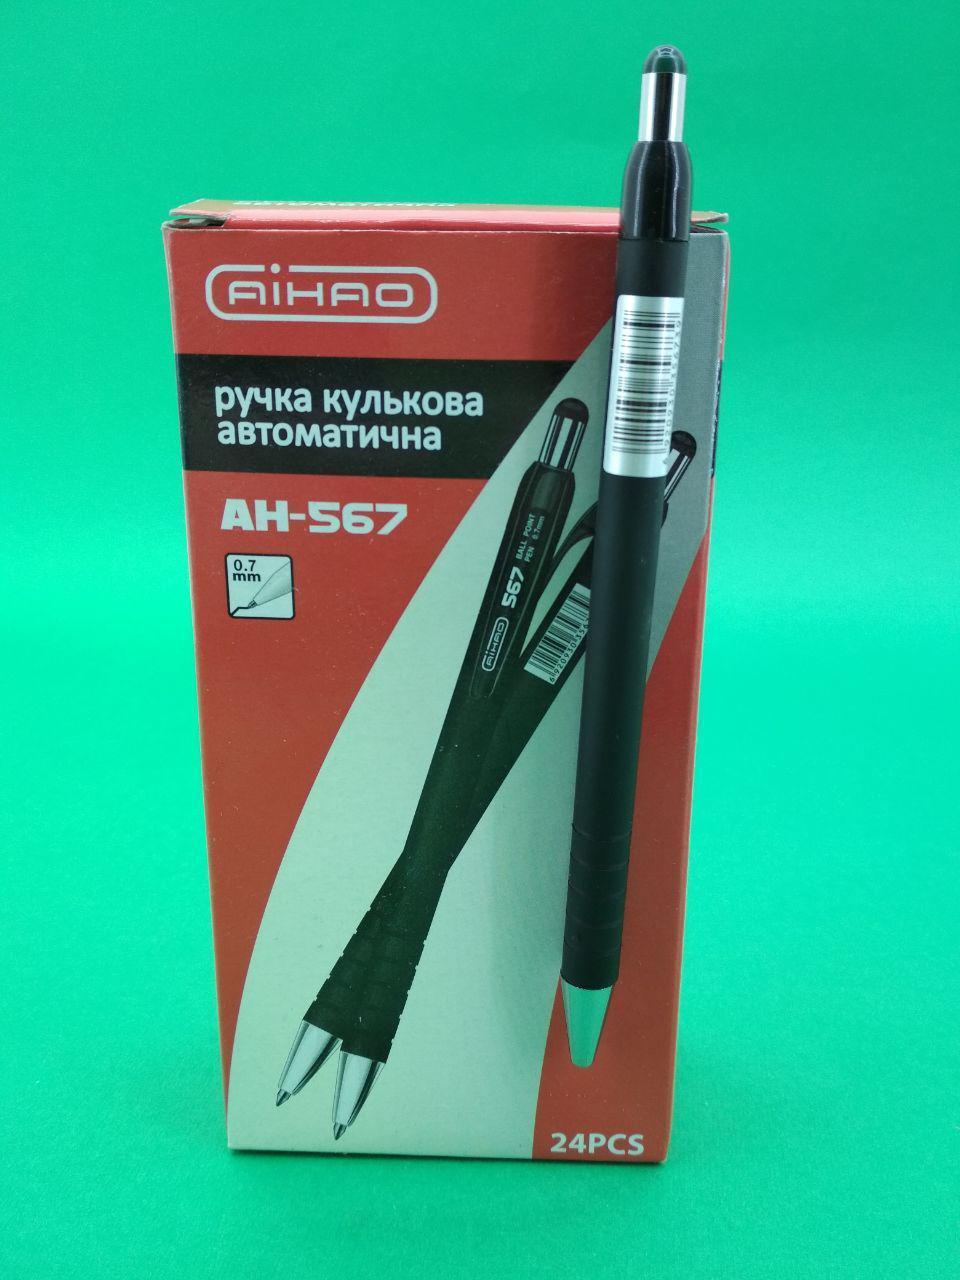 Ручка канцелярская шариковая  автоматическая  черная тм Aihao арт567 (24 шт)